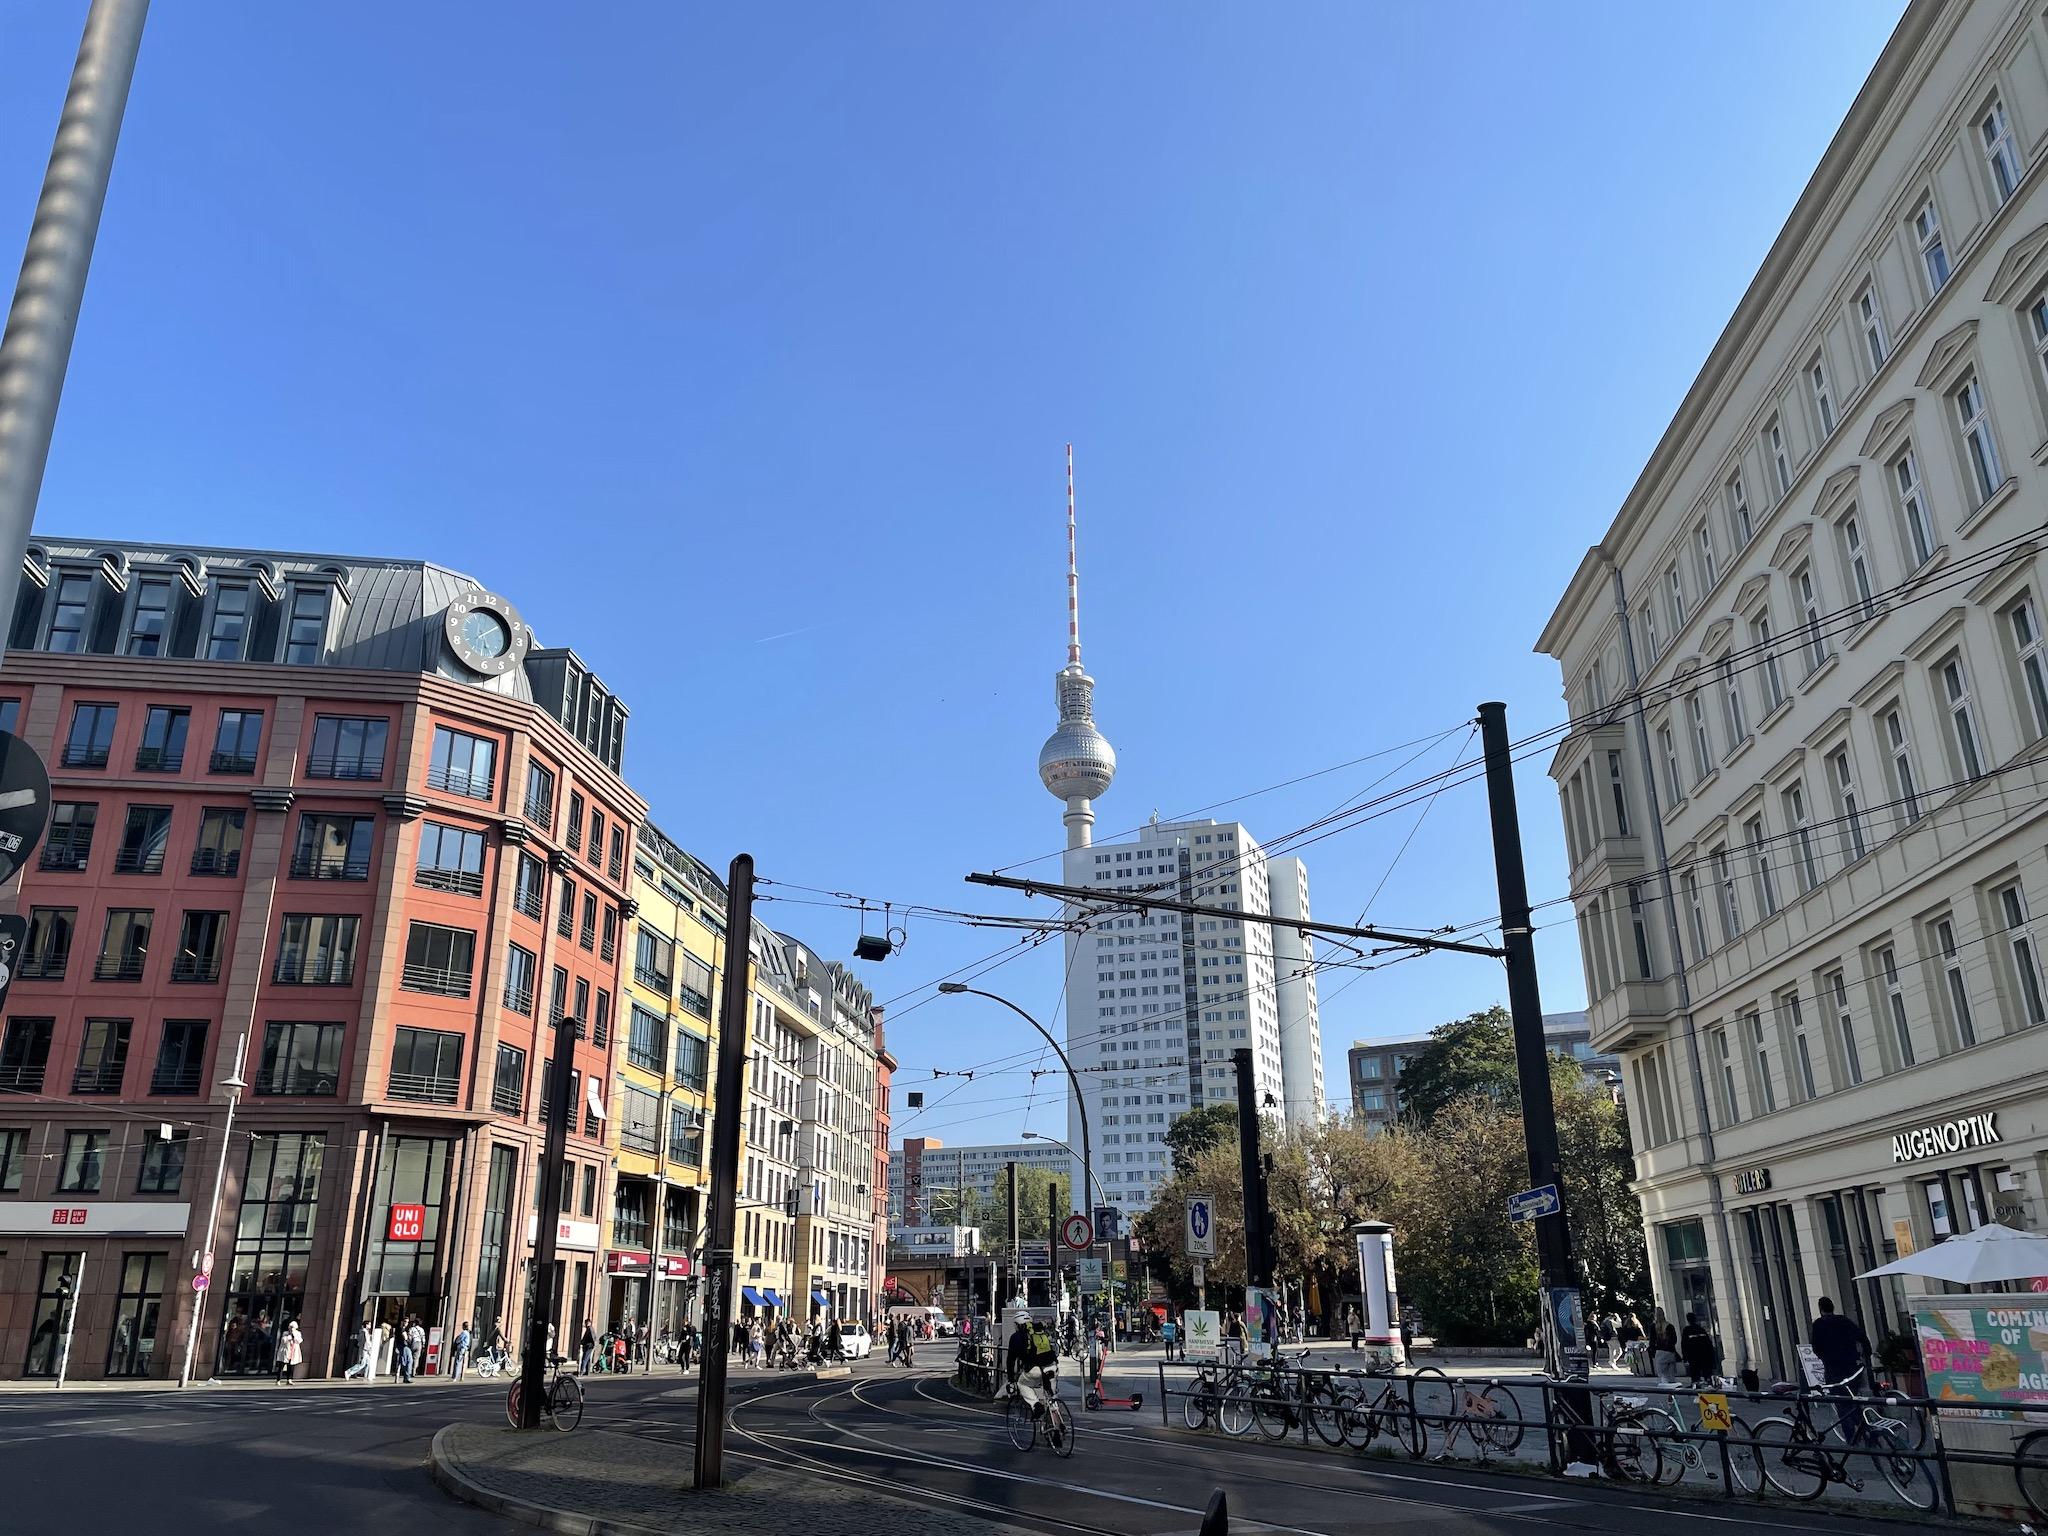 211012_BerlinmitKindern_14